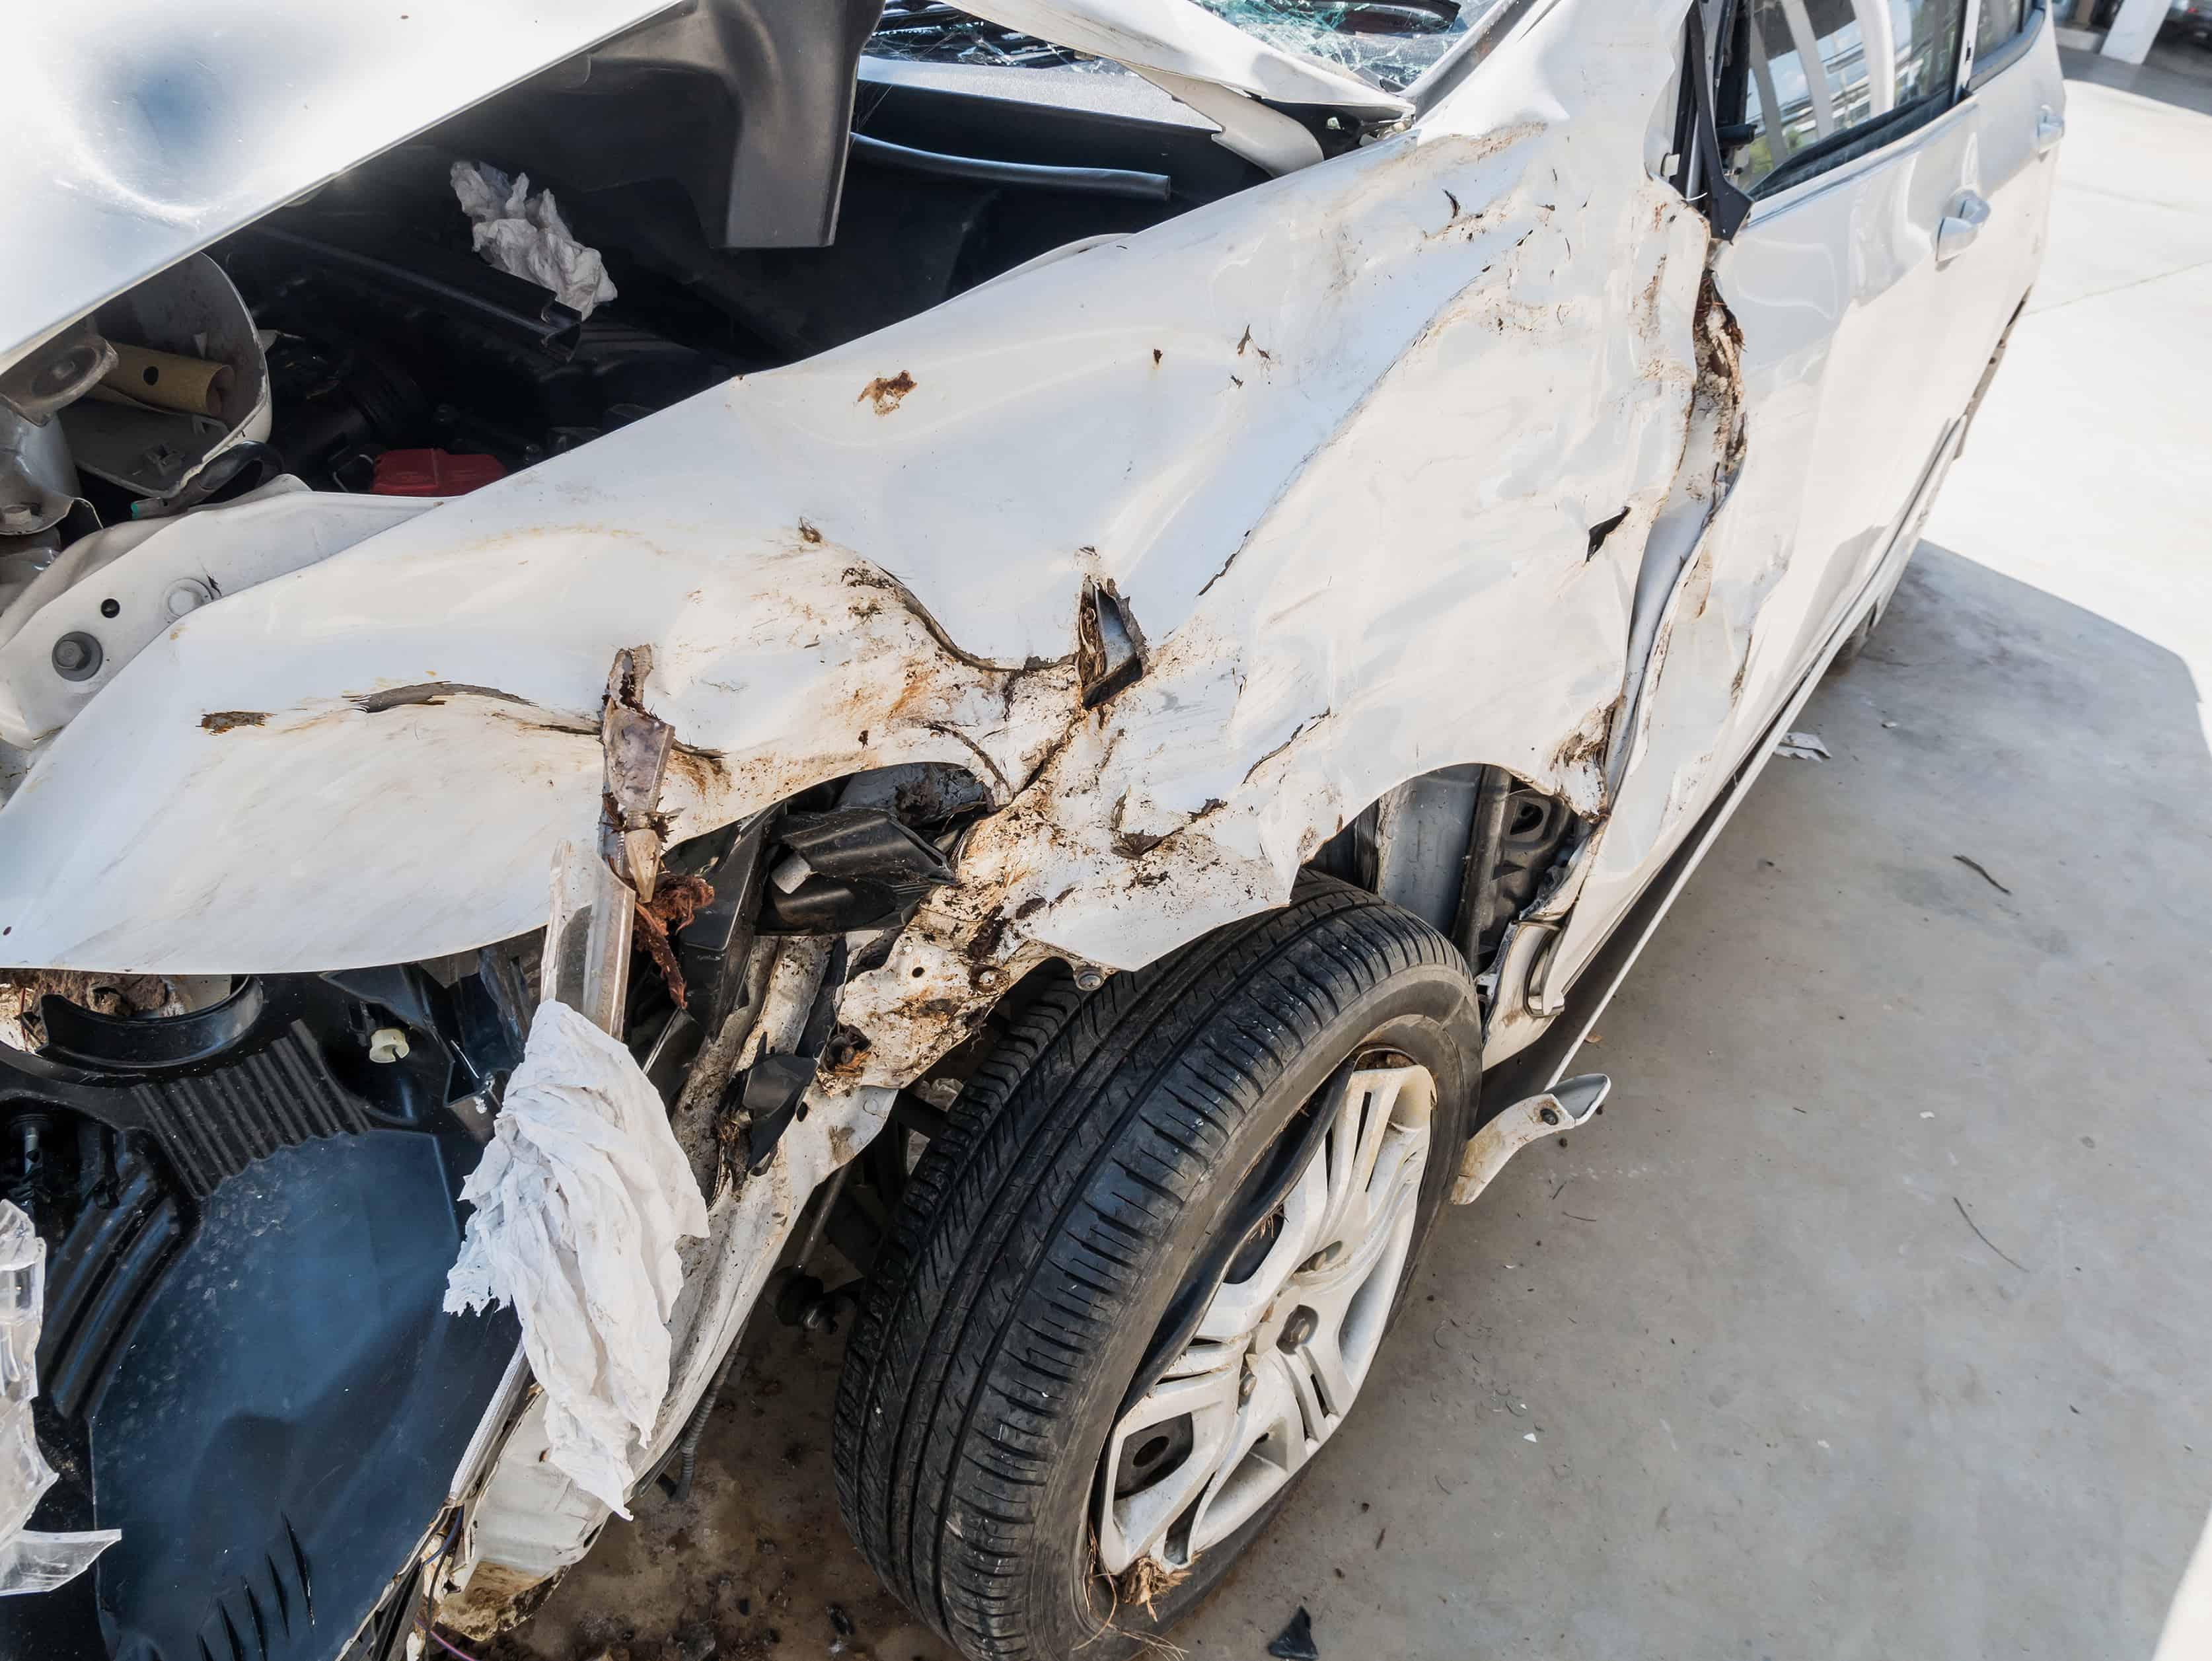 2 People Dead in 91 Freeway Head-On Crash [Long Beach, CA]